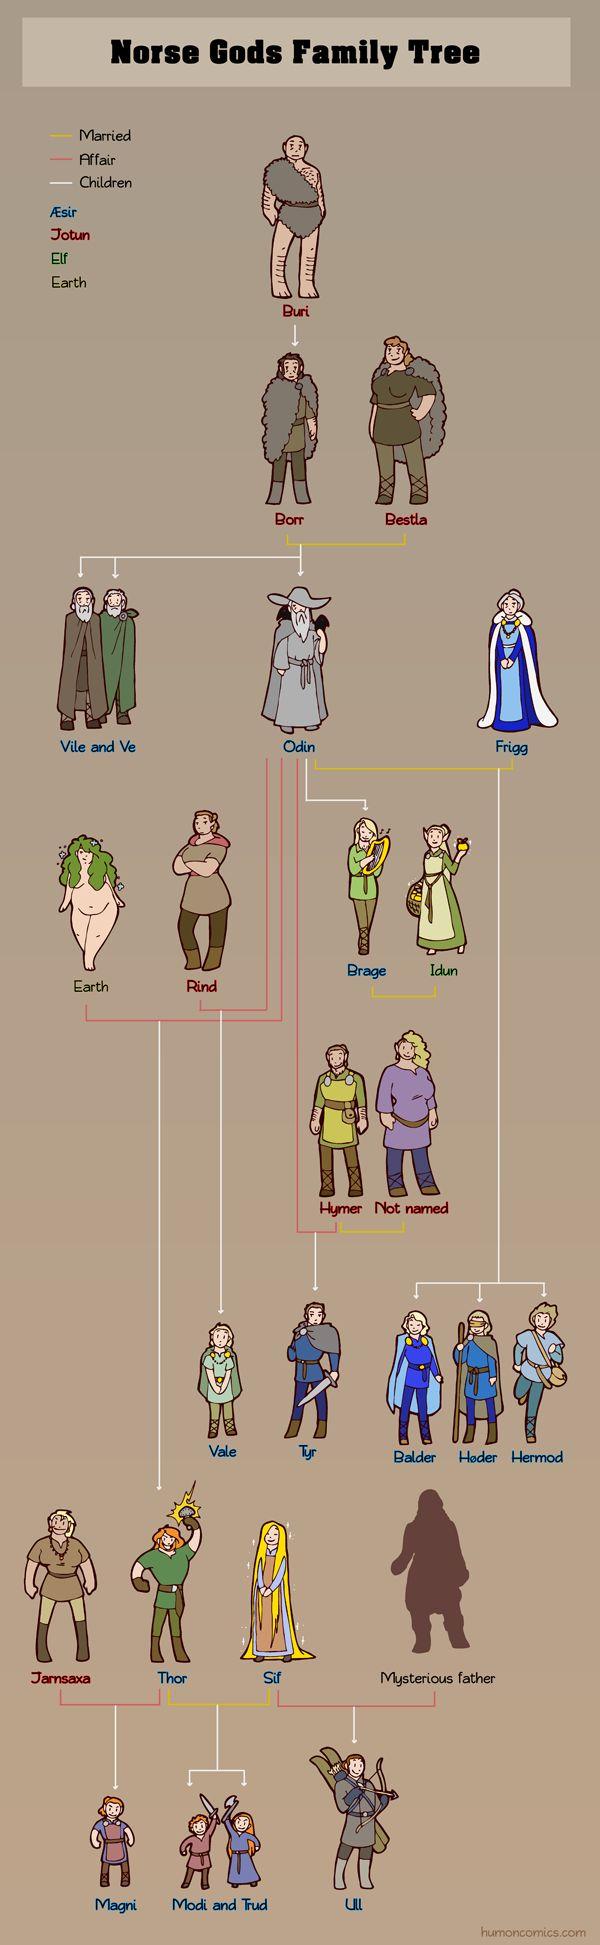 Norse Gods Family Tree by humon.deviantart.com on @DeviantArt